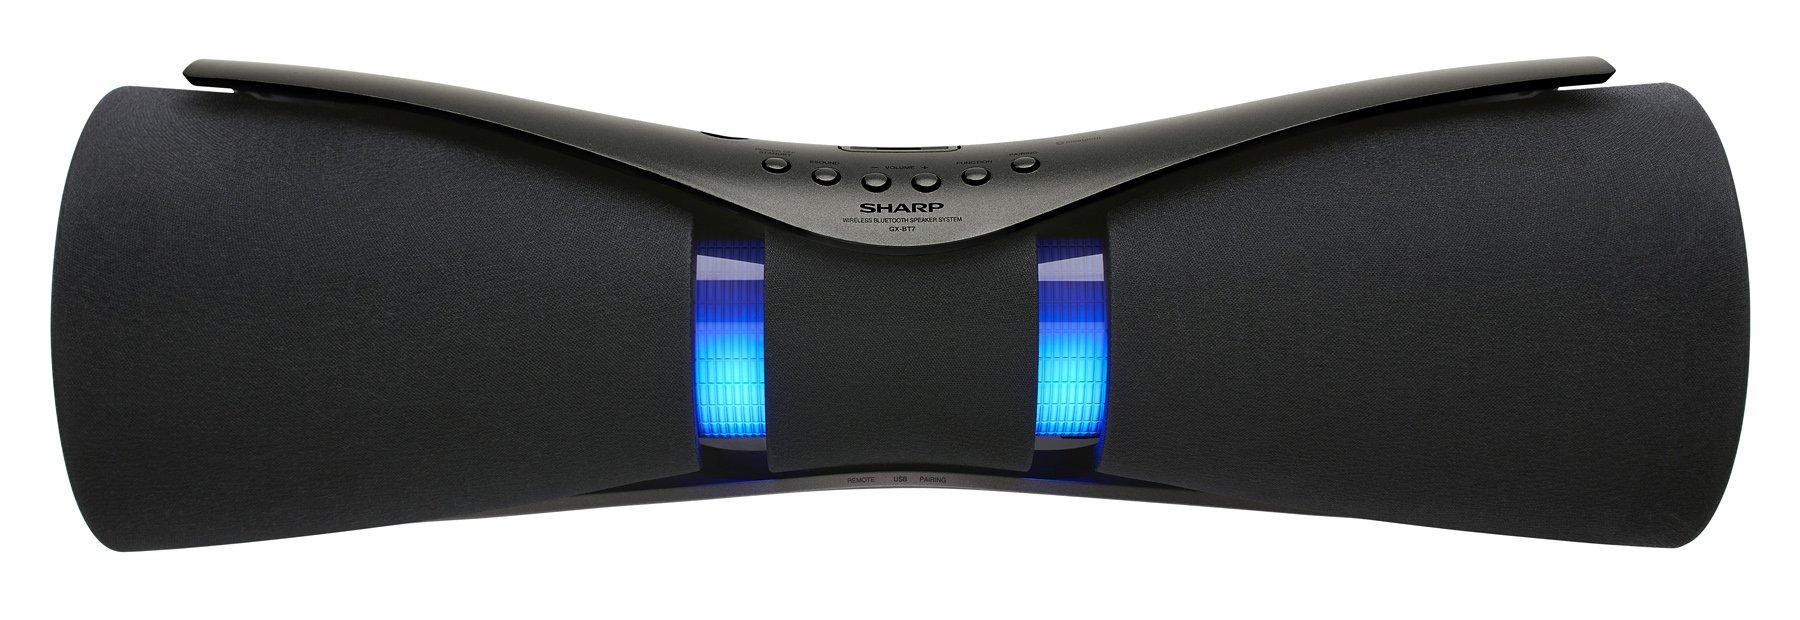 Sharp GX-BT7 2.1 Channel Wireless Bluetooth Speaker System